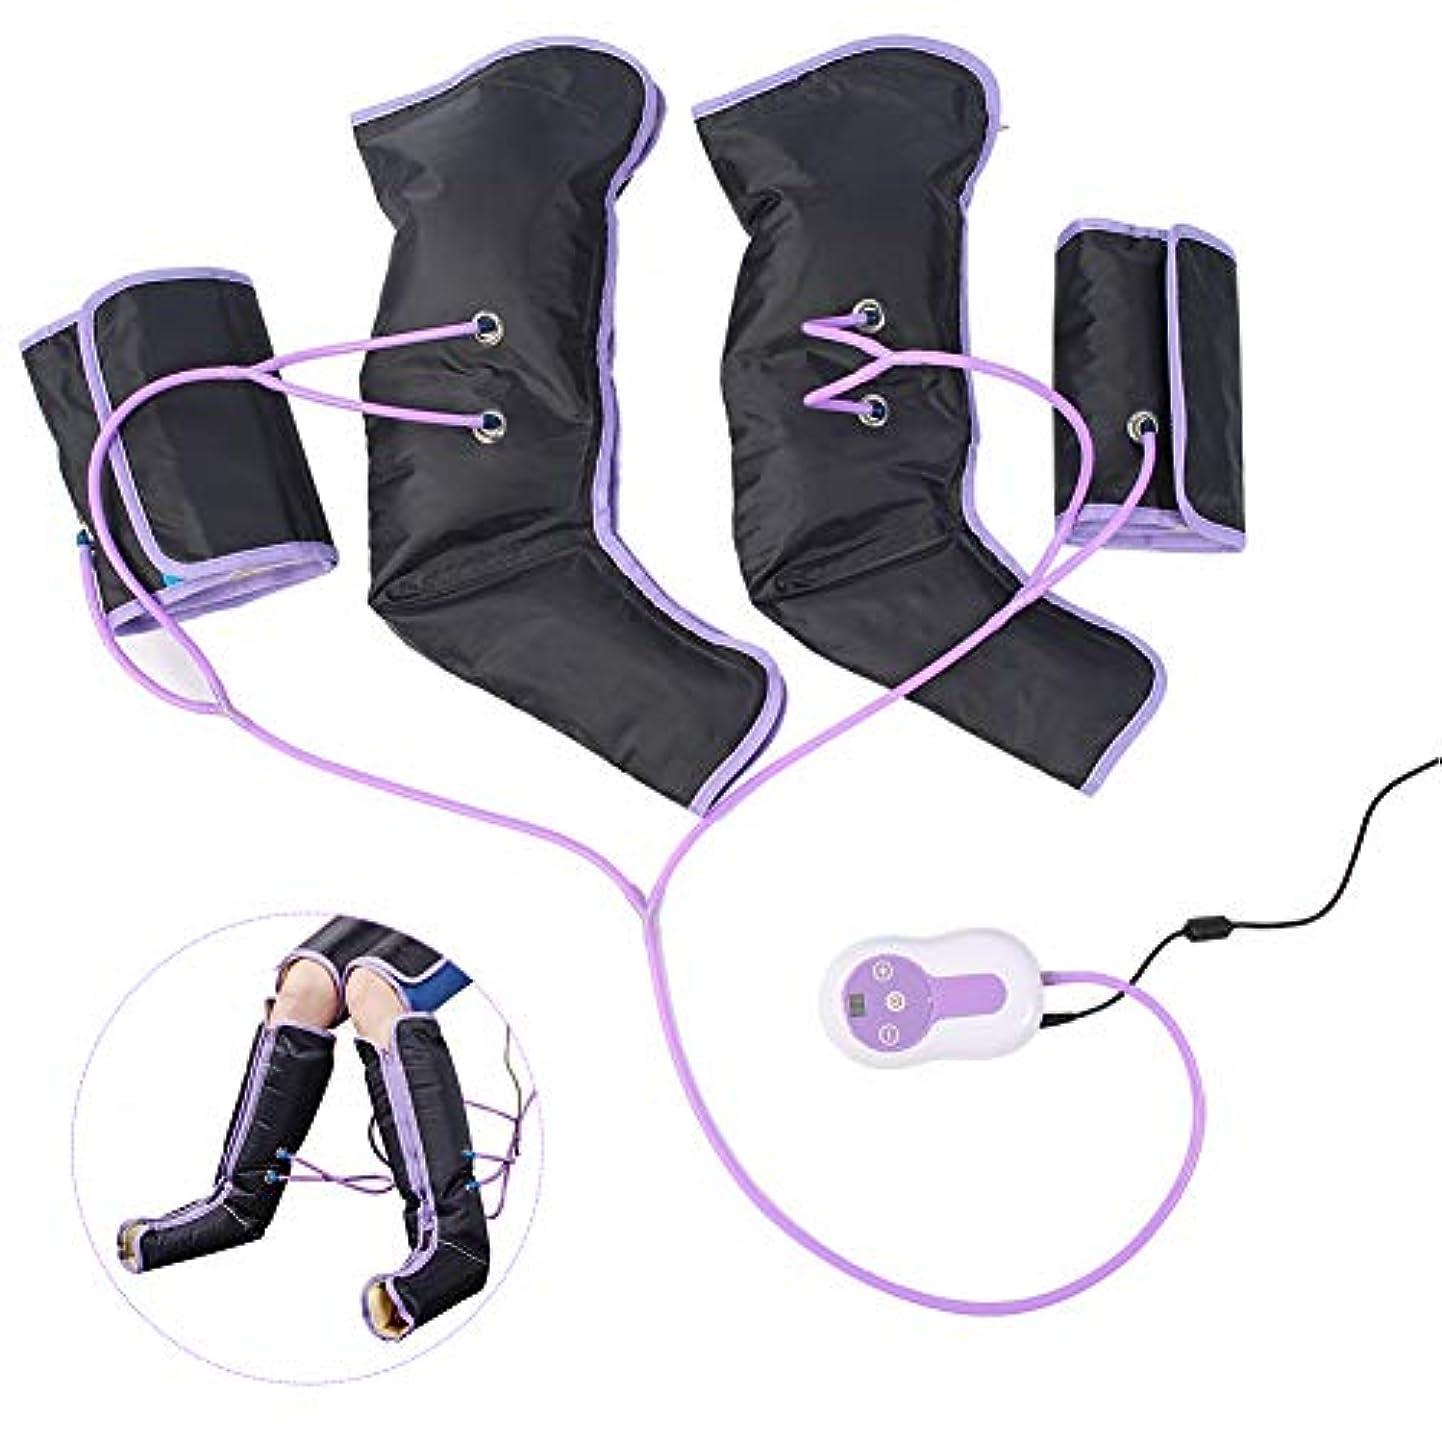 足の空気圧縮マッサージャー、足とふくらはぎの痛みを軽減するためのハンドヘルドコントローラーとラップ、電気循環脚ラップ、循環を改善し、筋肉をリラックス(US-PLUG)